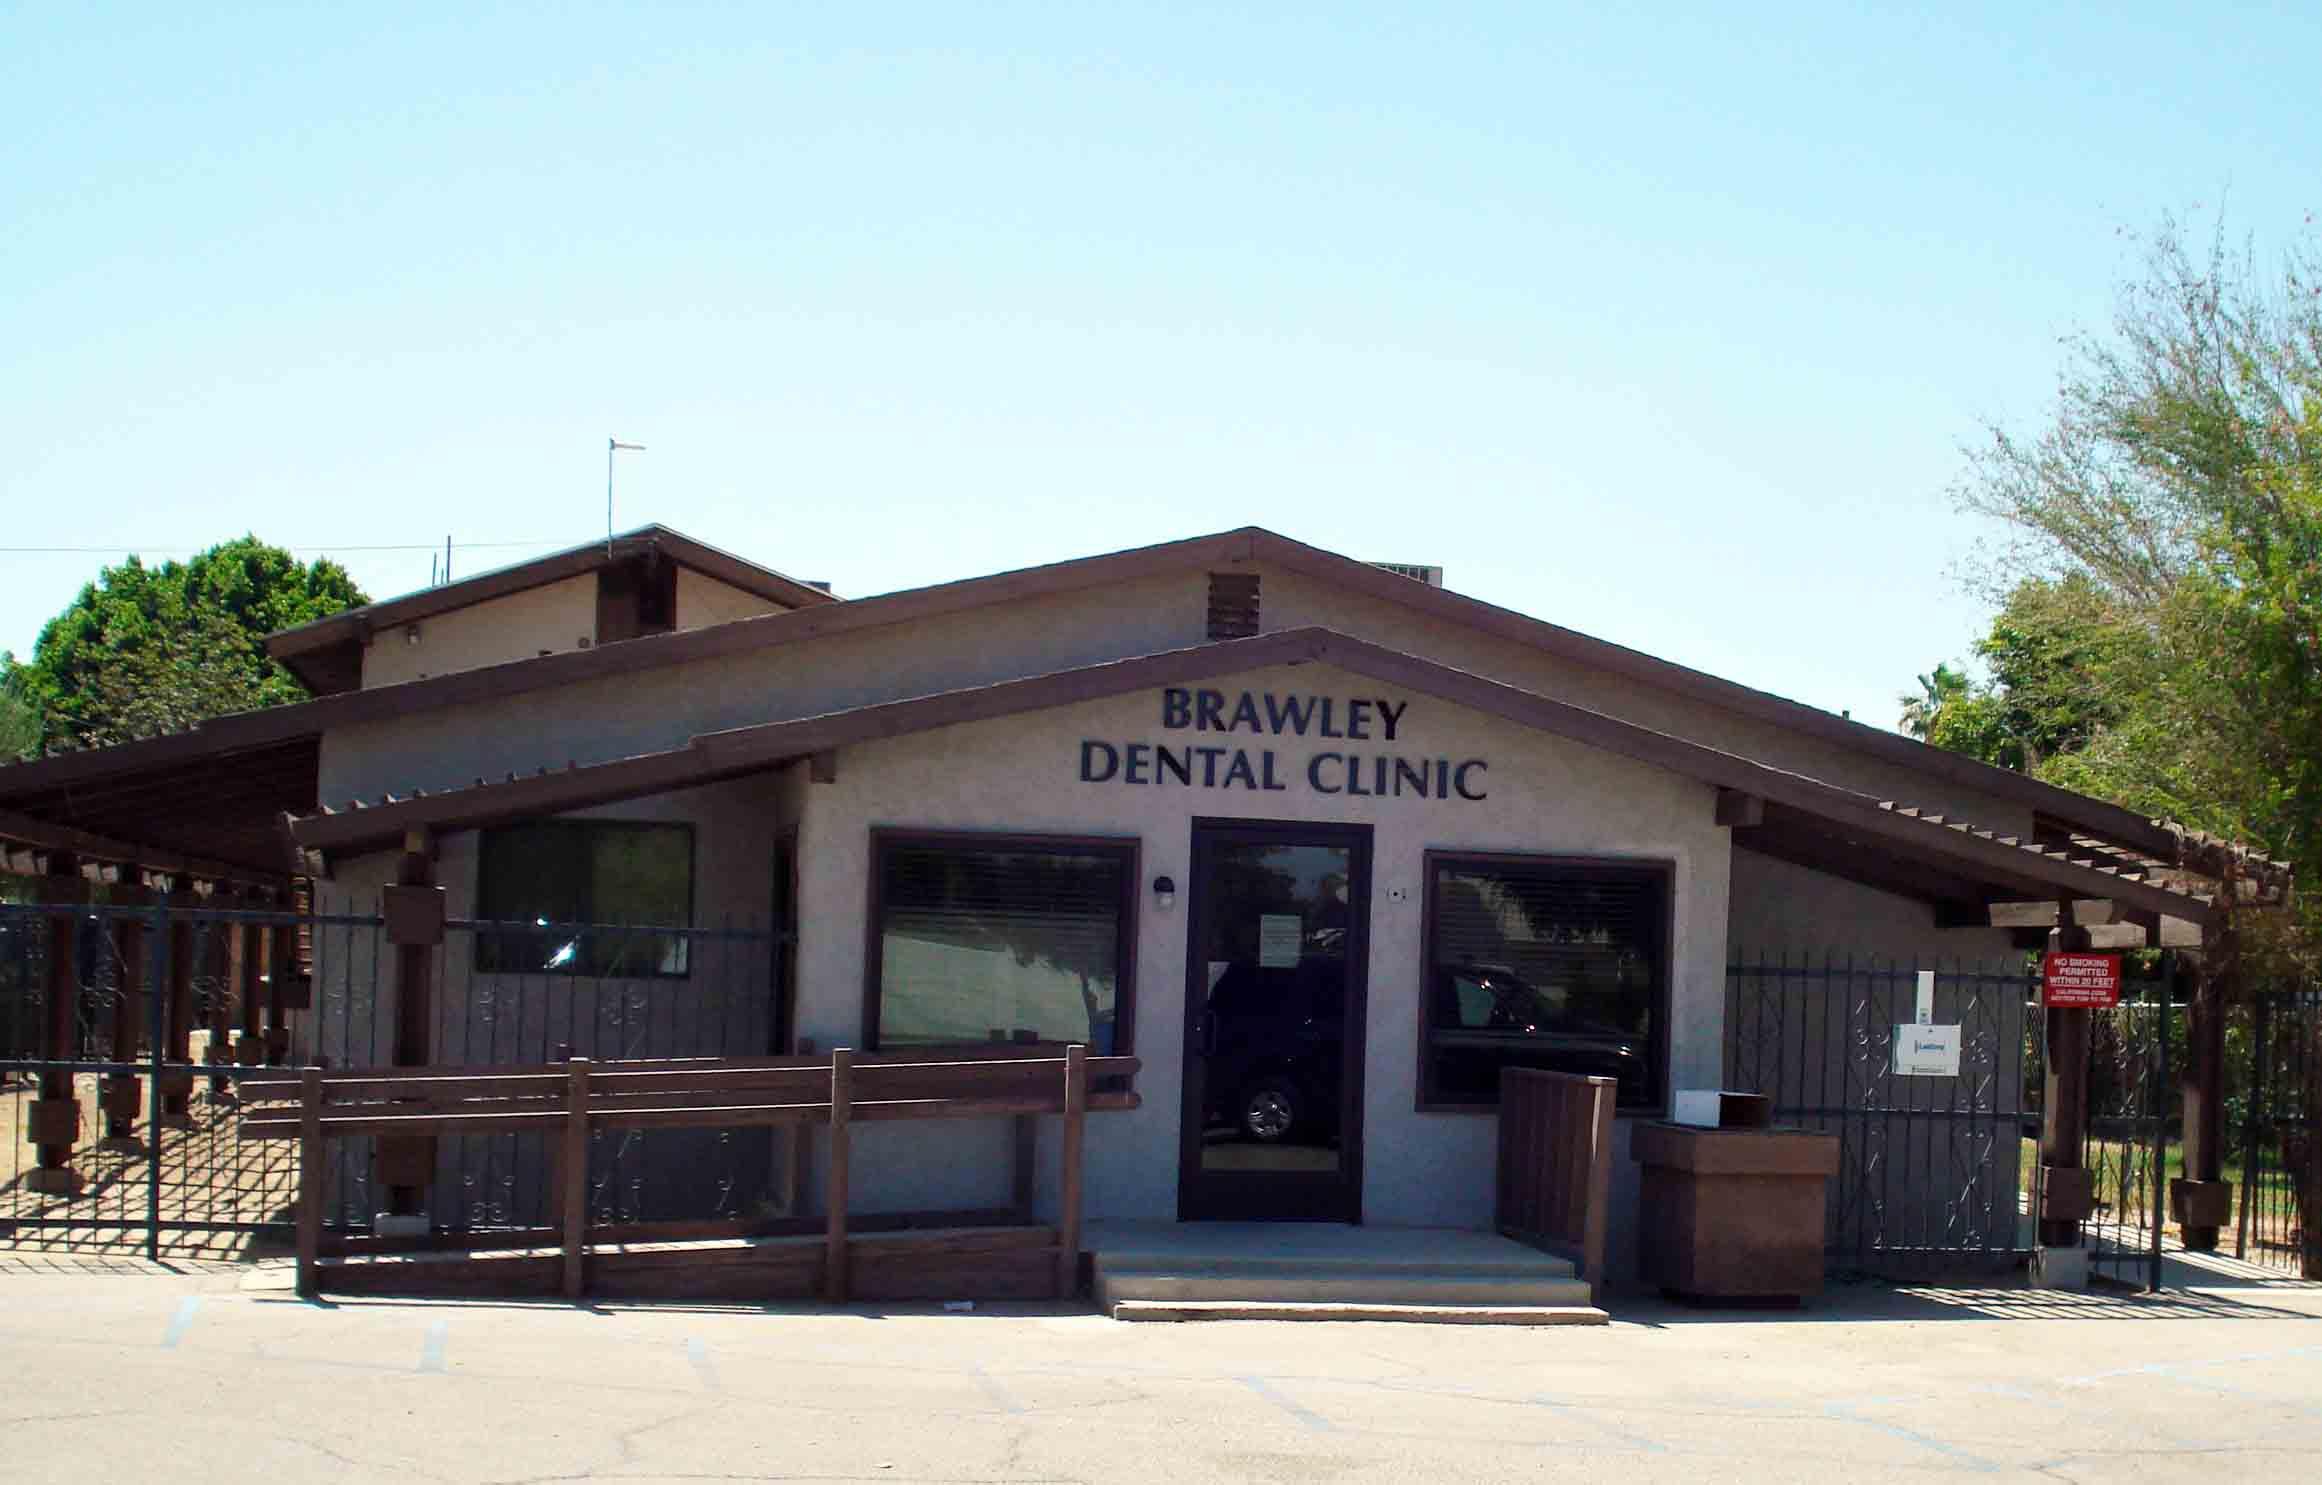 Brawley Dental Clinic